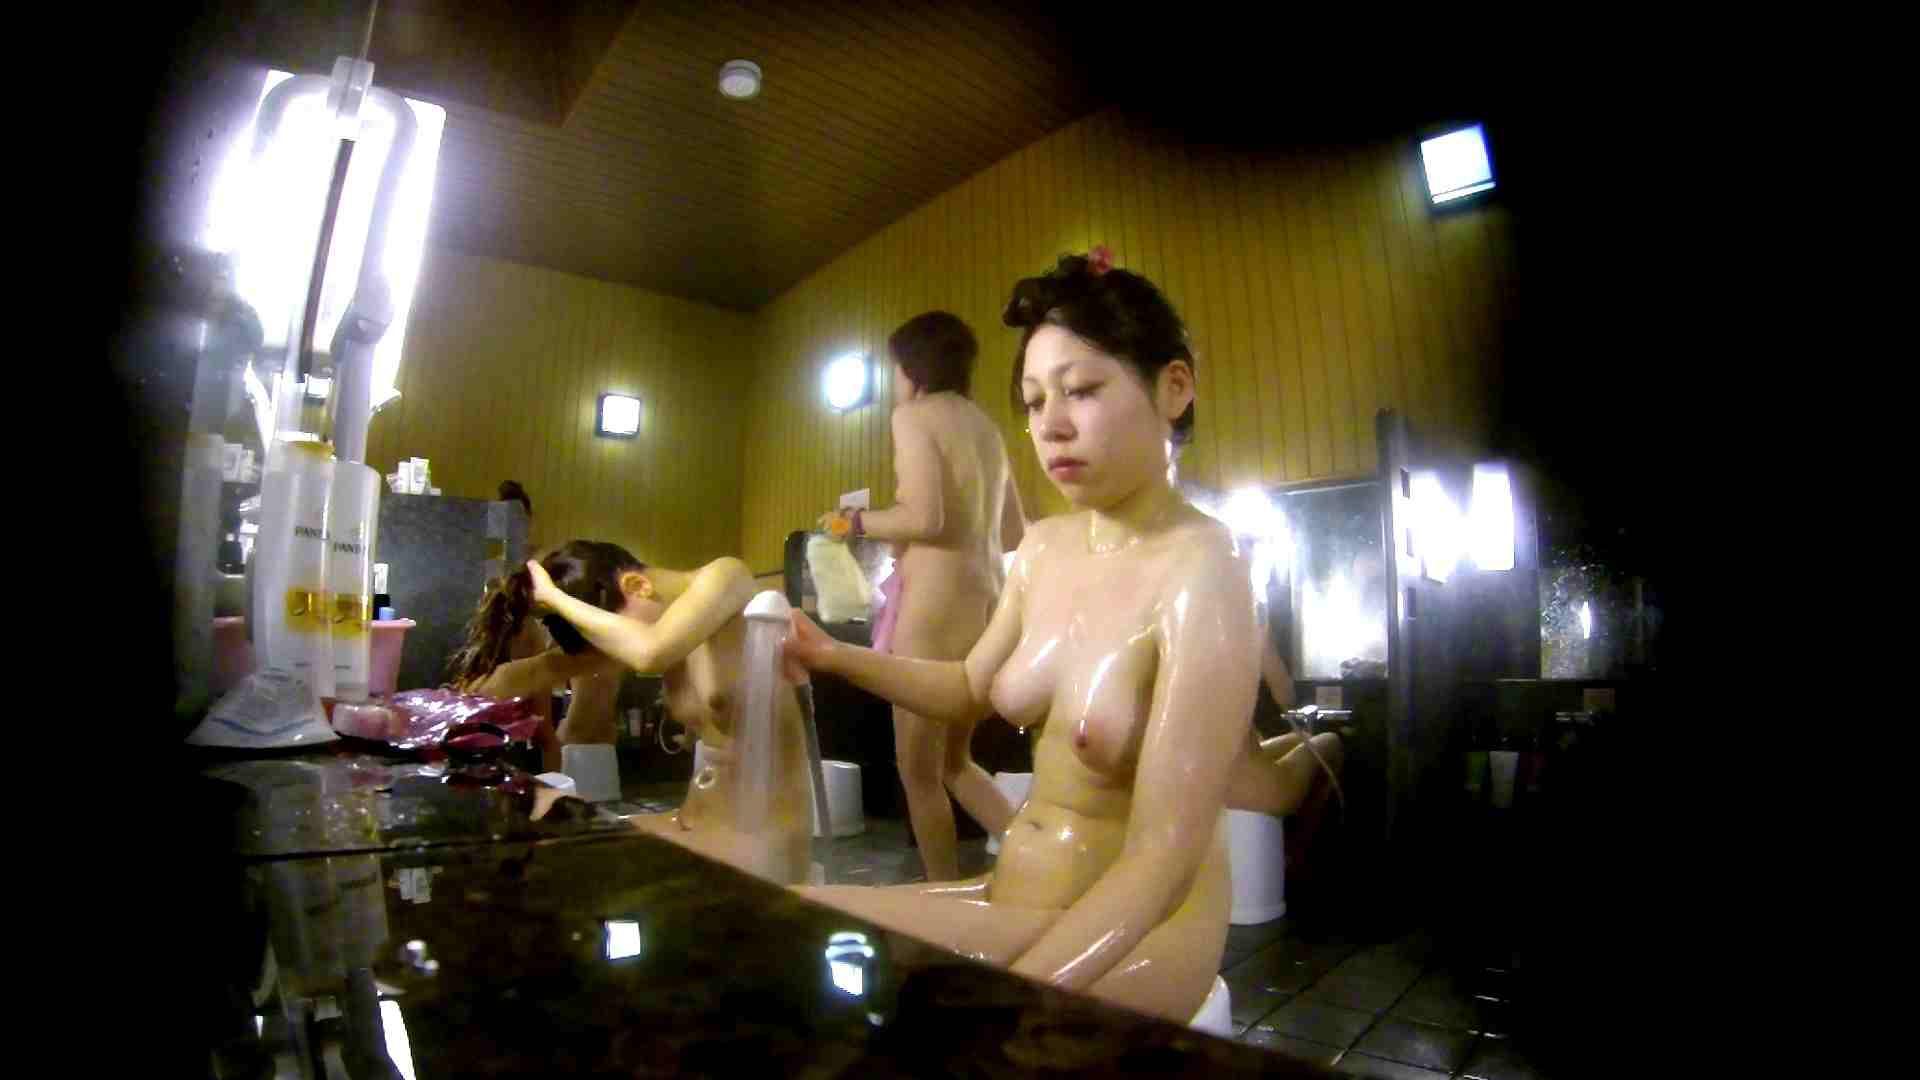 洗い場!柔らかそうな身体は良いけど、歯磨きが下品です。 銭湯特撮  39連発 4